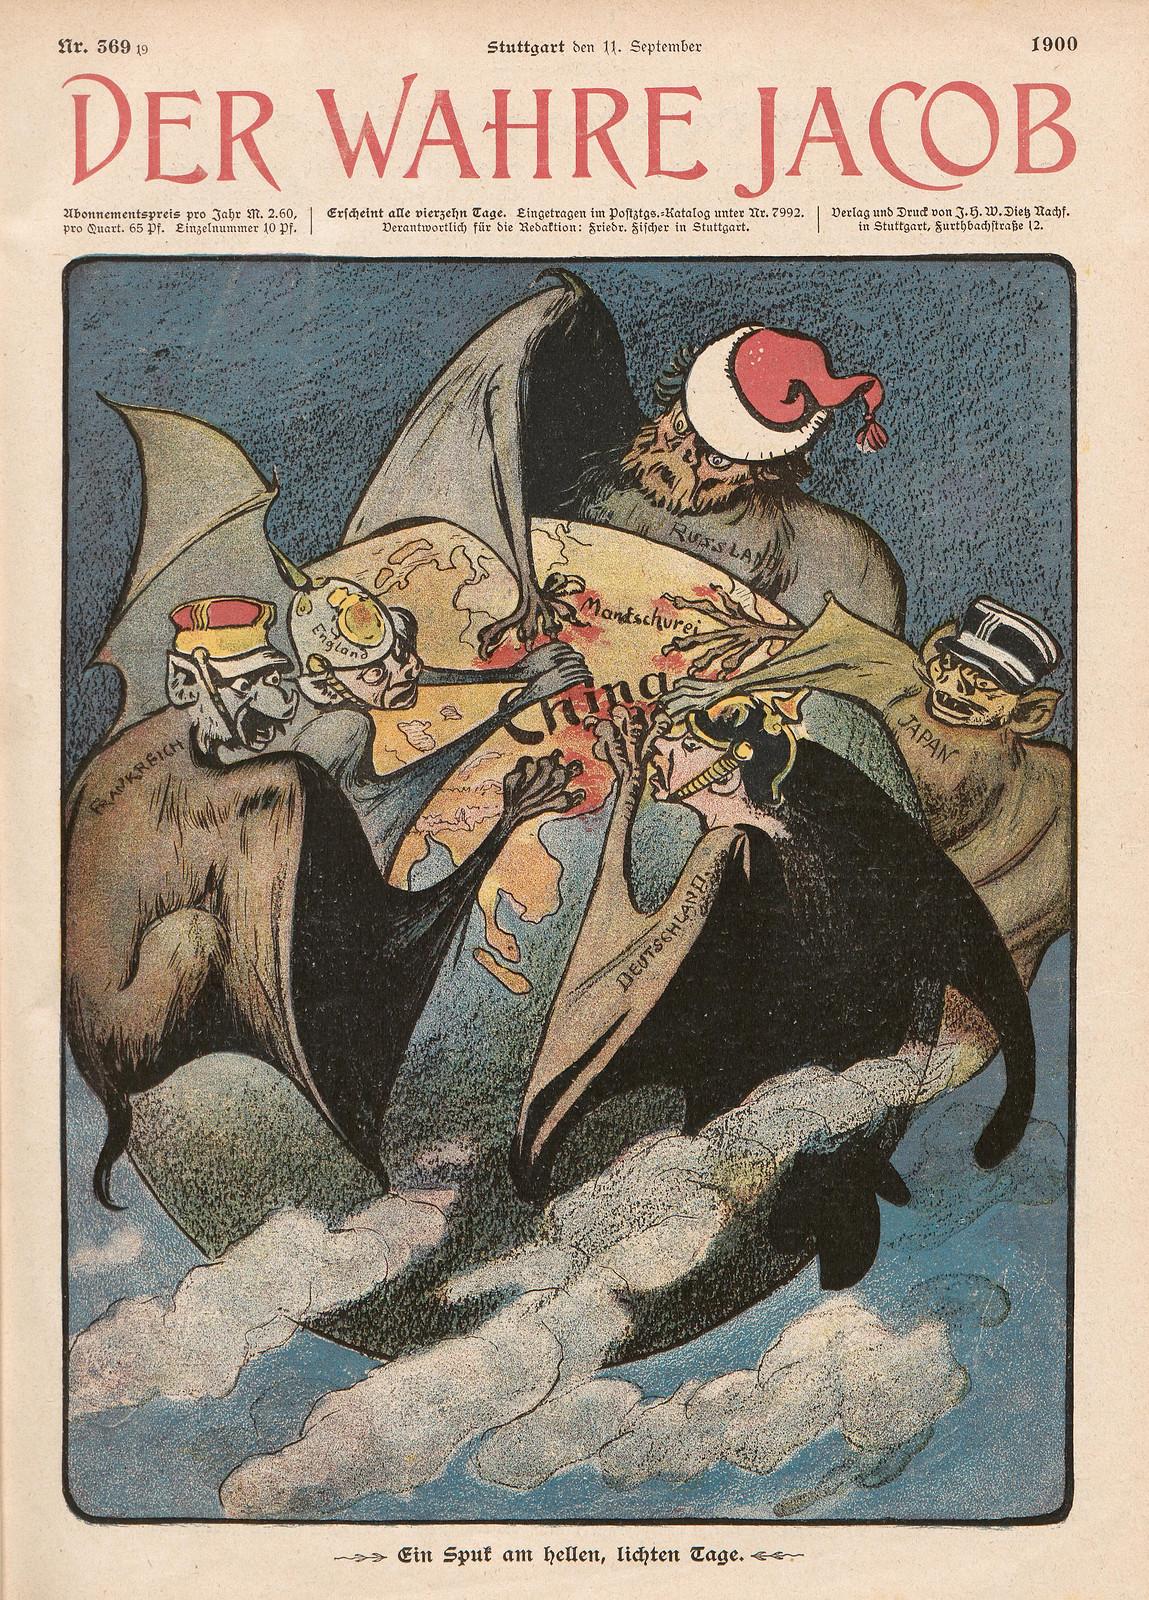 Unsigned - Ein Spuk am hellen, lichten Tage, 1900